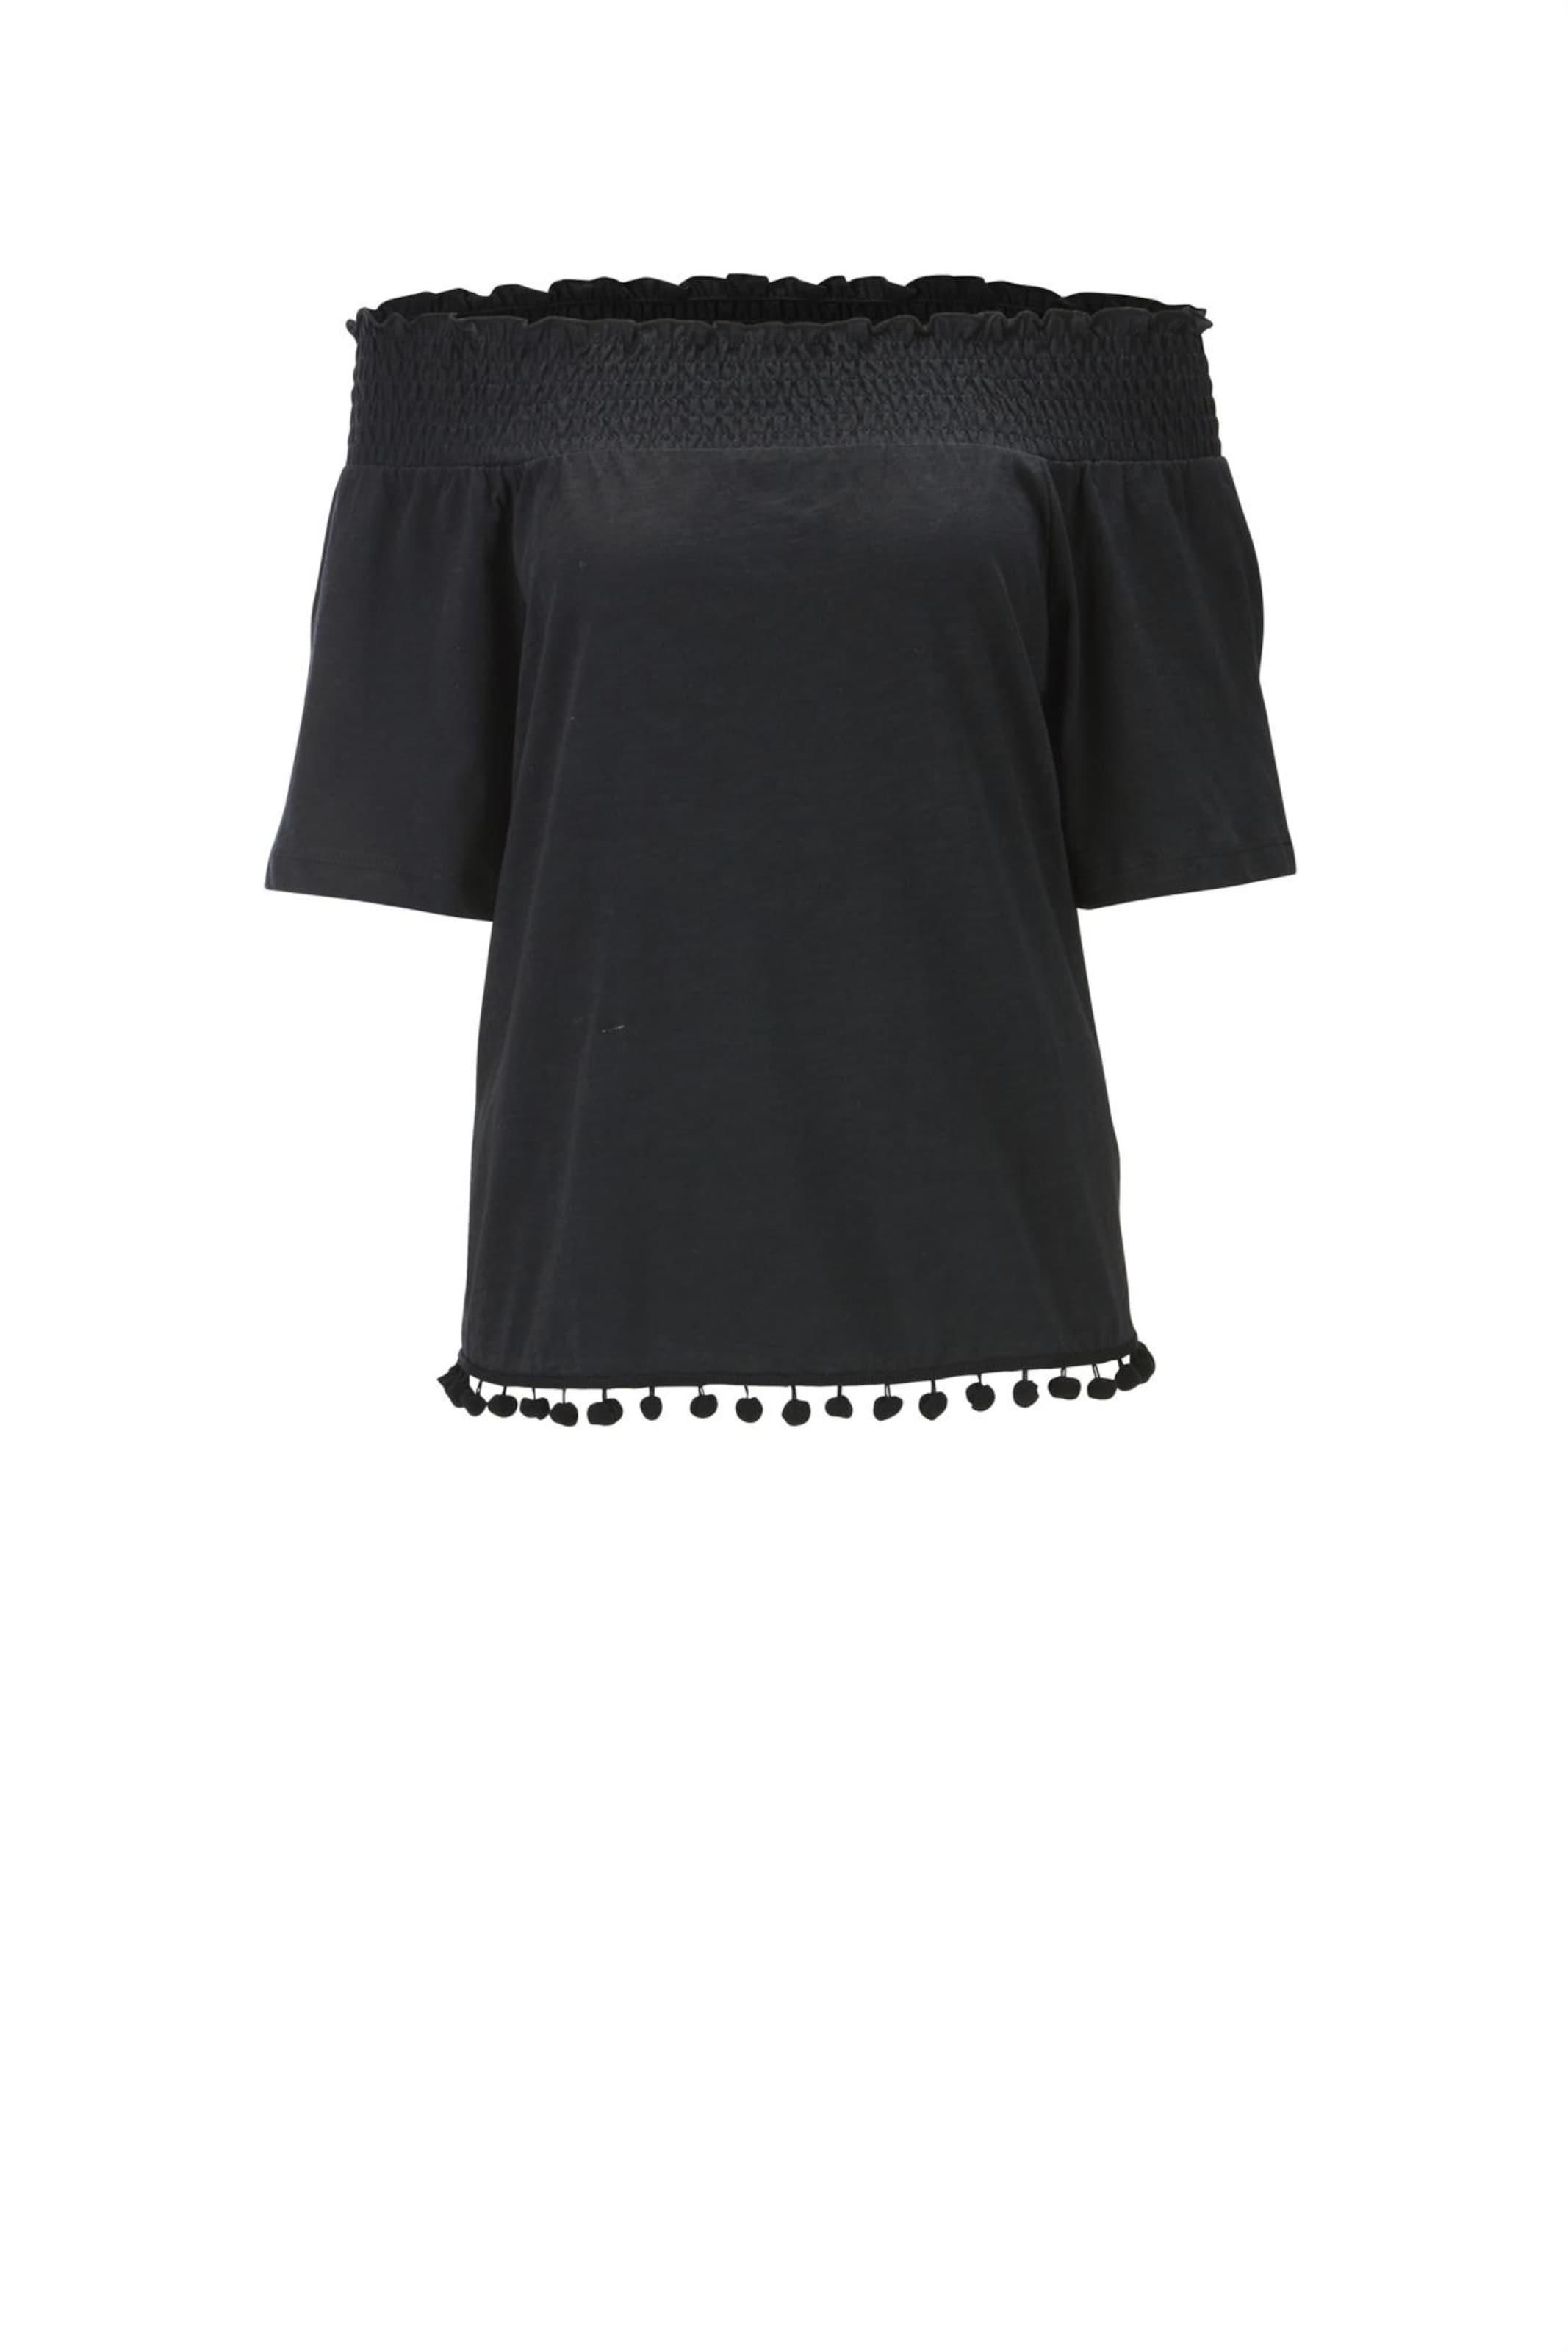 Heine 'casual' Schwarz Shirt 'casual' In Heine In Shirt Schwarz Shirt Heine 'casual' IYgy6b7vf